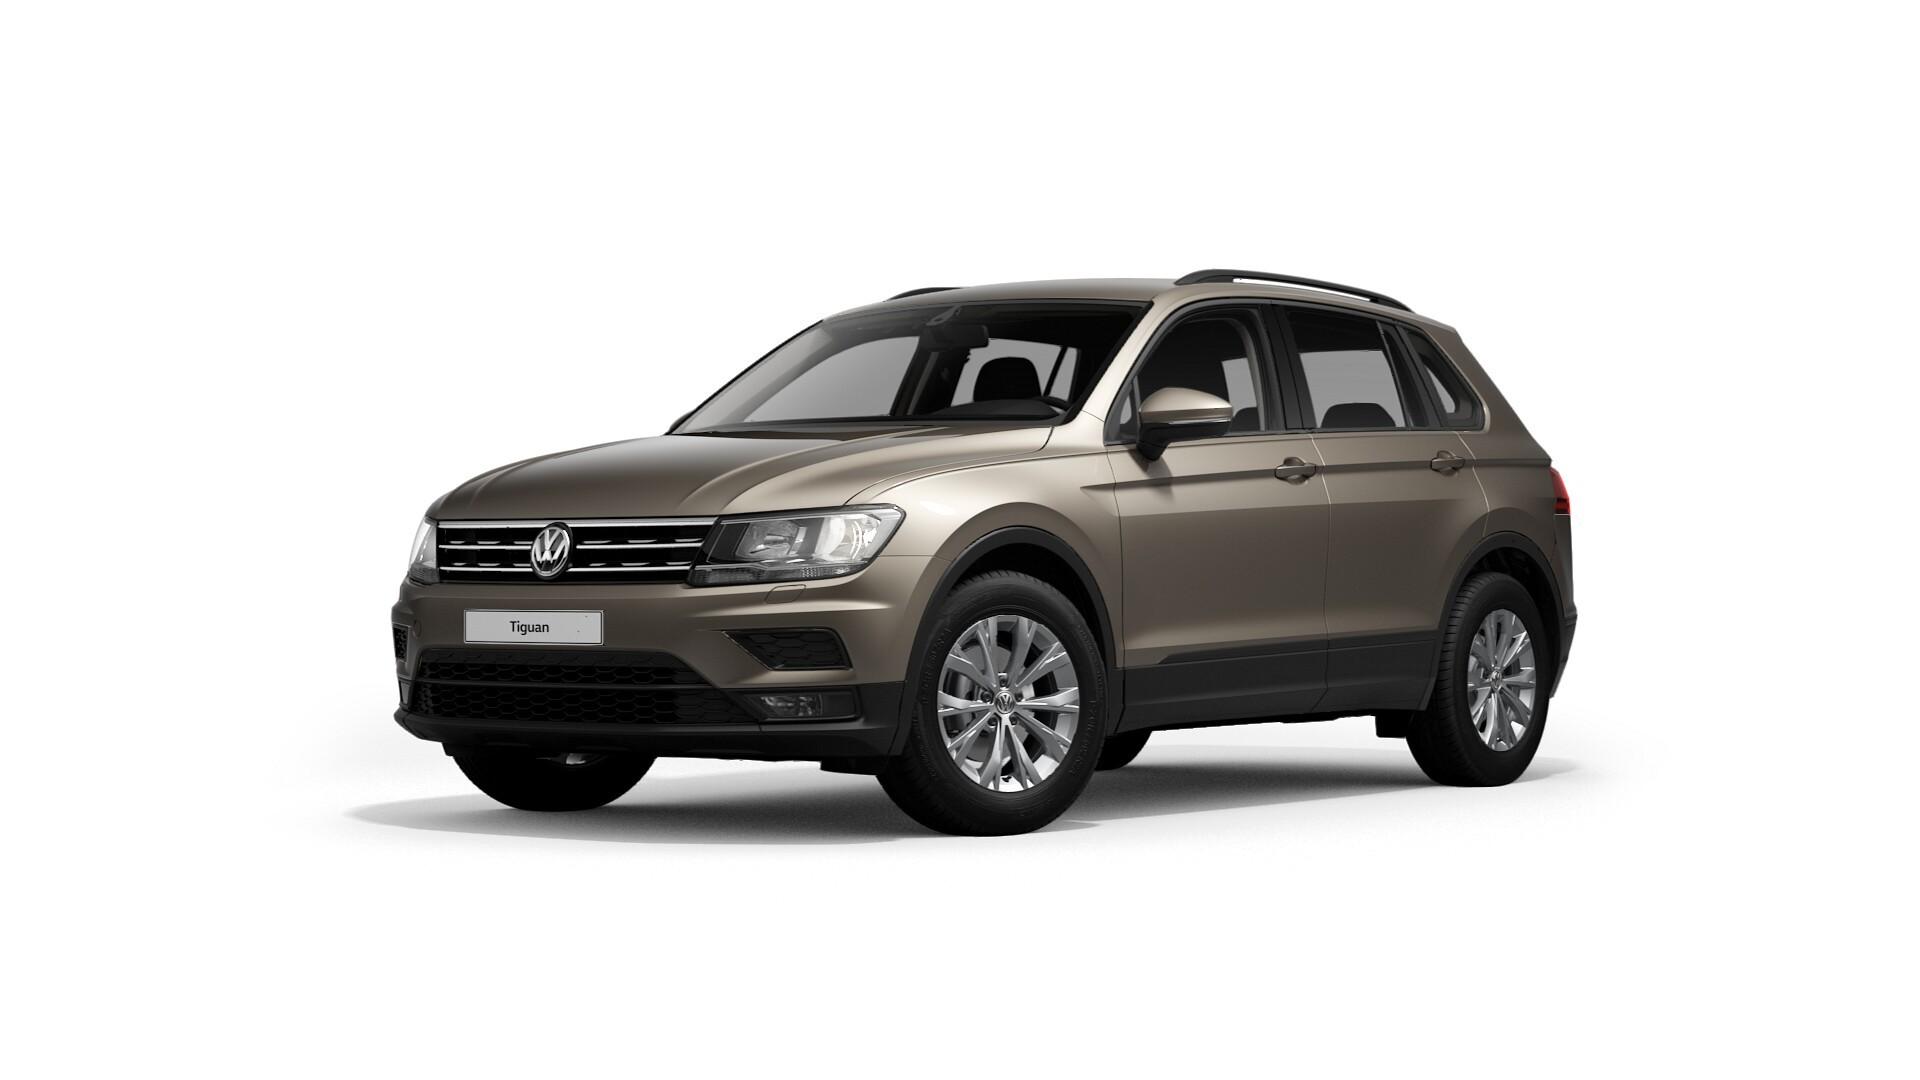 Volkswagen Tiguan Внедорожник (Trendline)